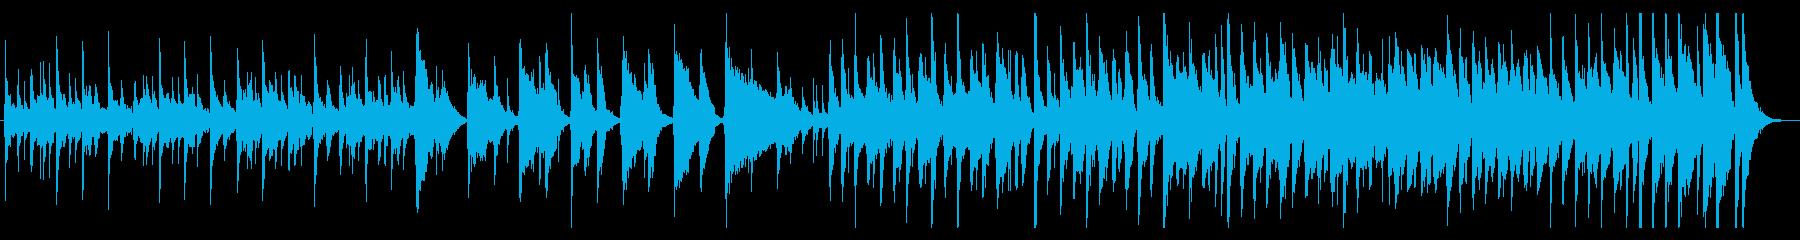 和風ジャズアンサンブルの再生済みの波形